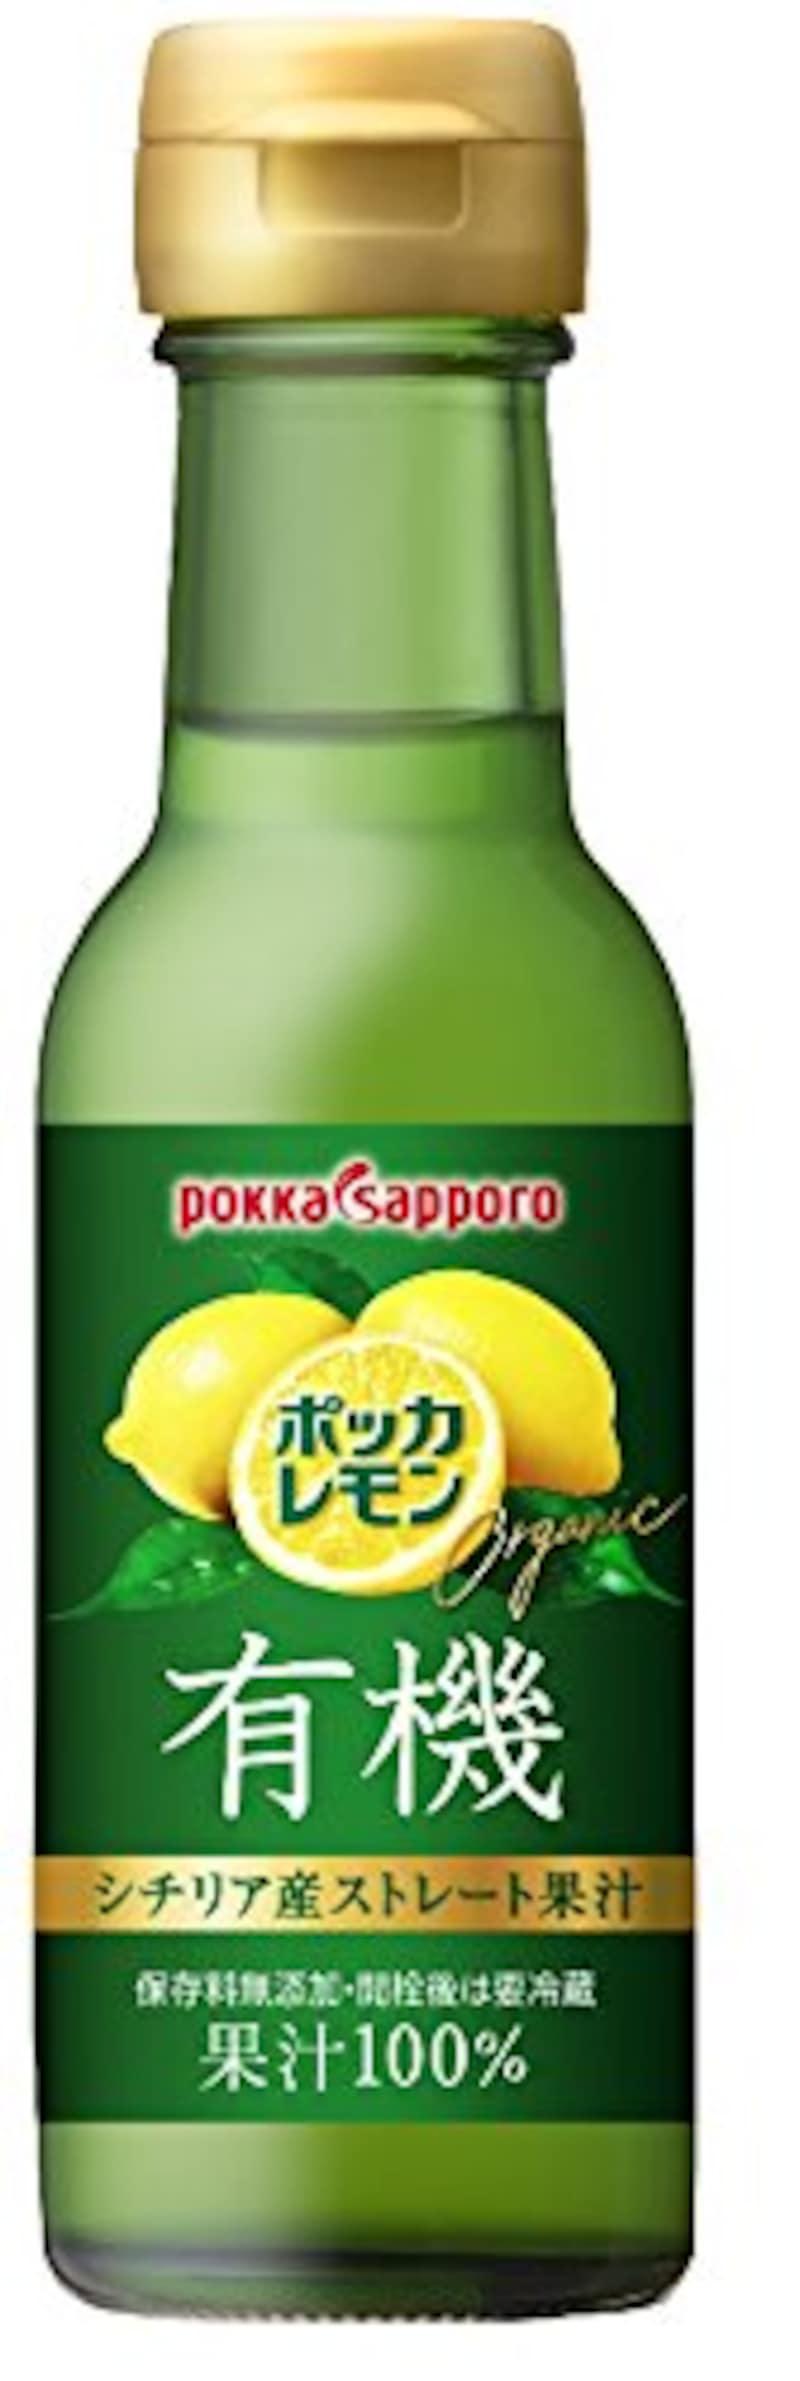 ポッカレモン ,有機シチリア産ストレート果汁